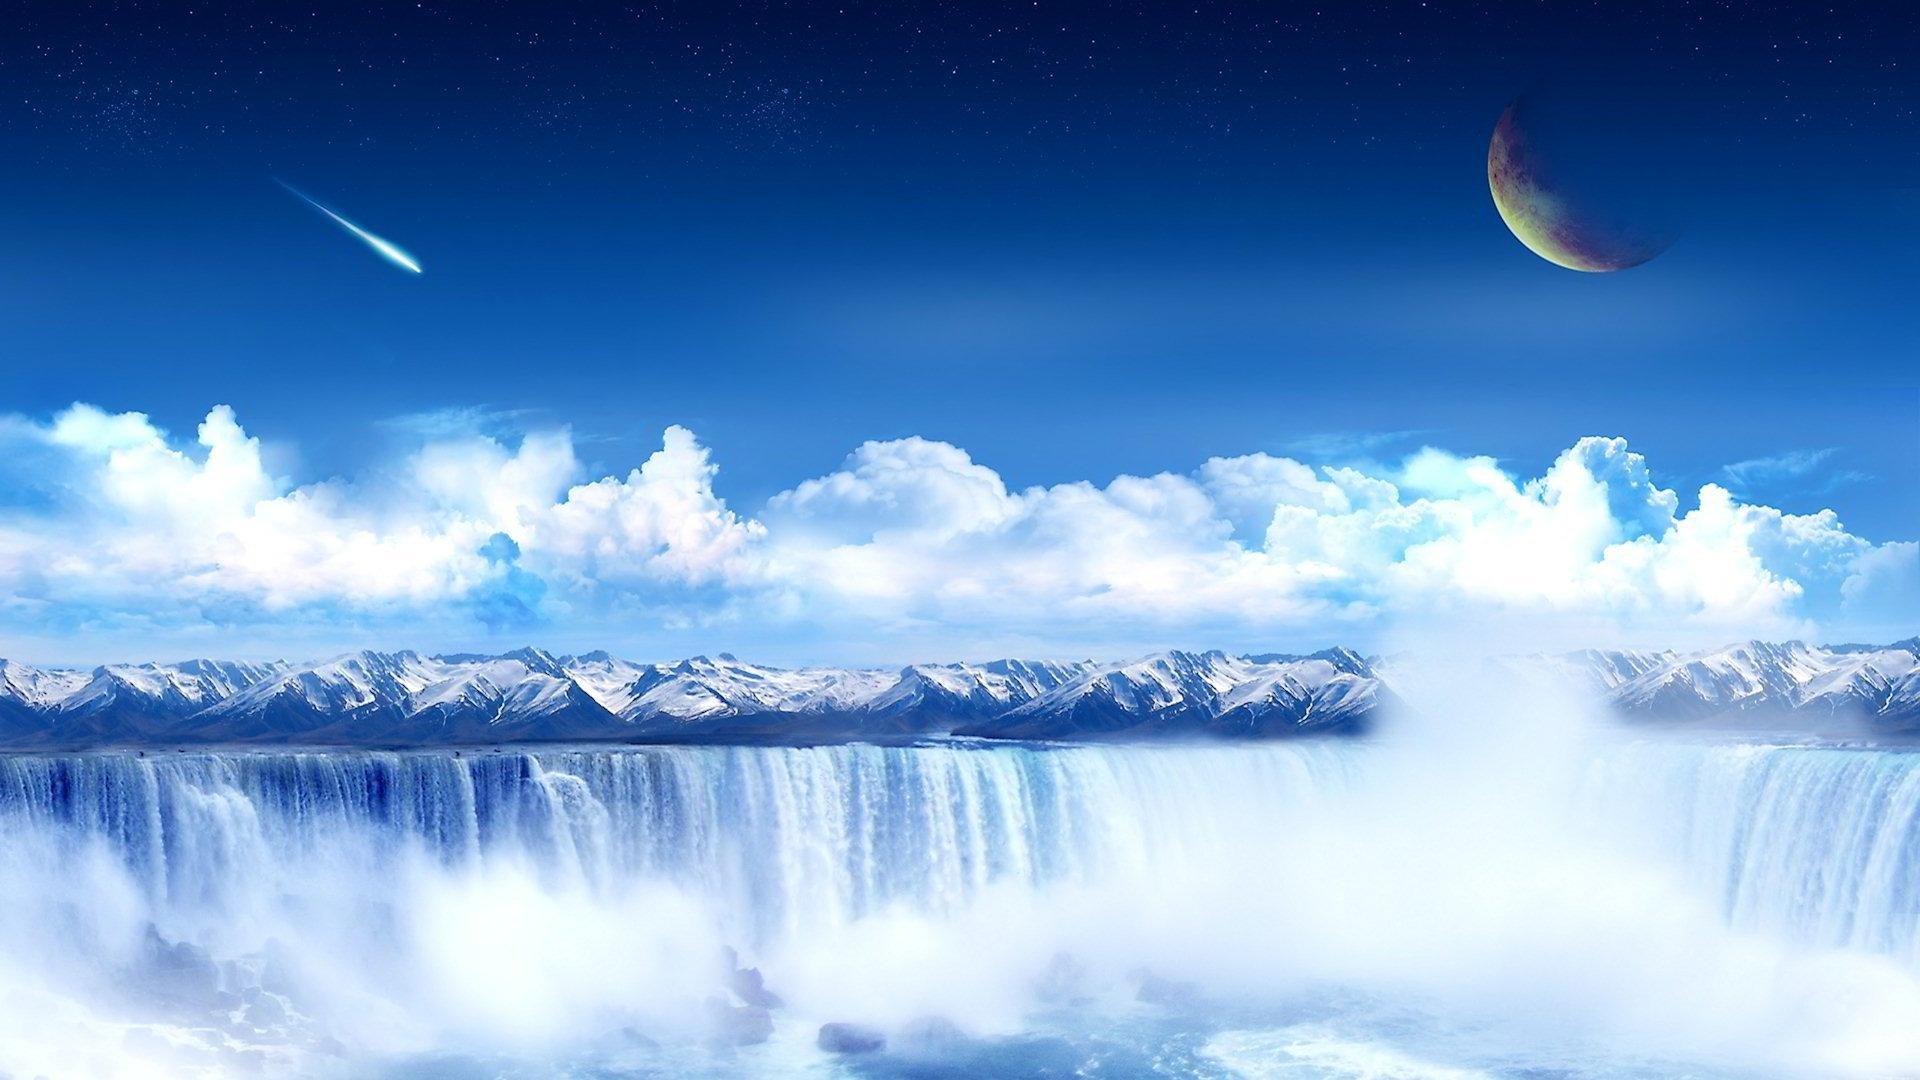 Download Full Hd 1080p Sci Fi Landscape Desktop Wallpaper Id 232913